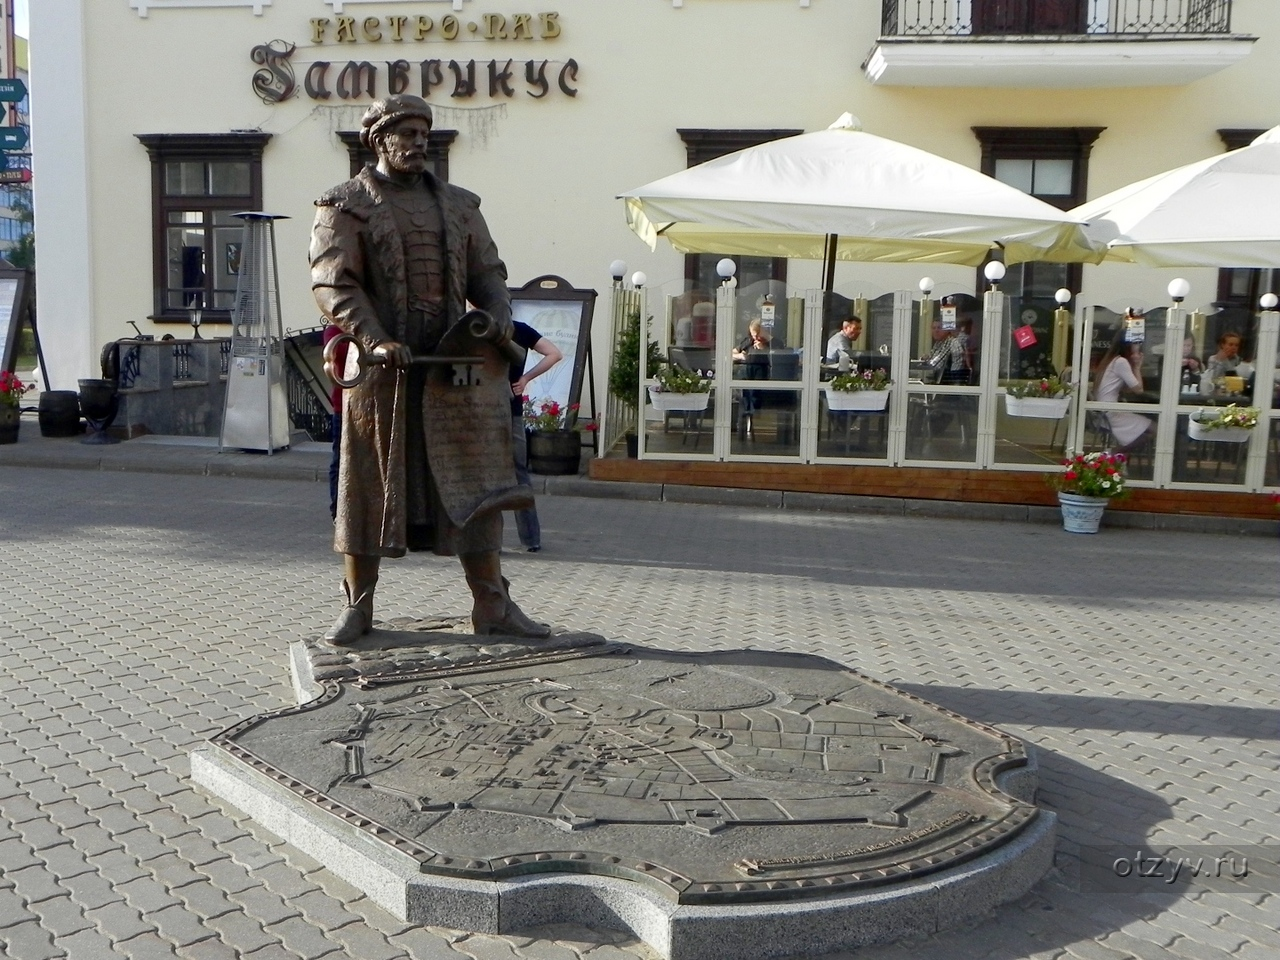 Памятник магдебургскому праву в минске красивые надгробные надписи для мамы